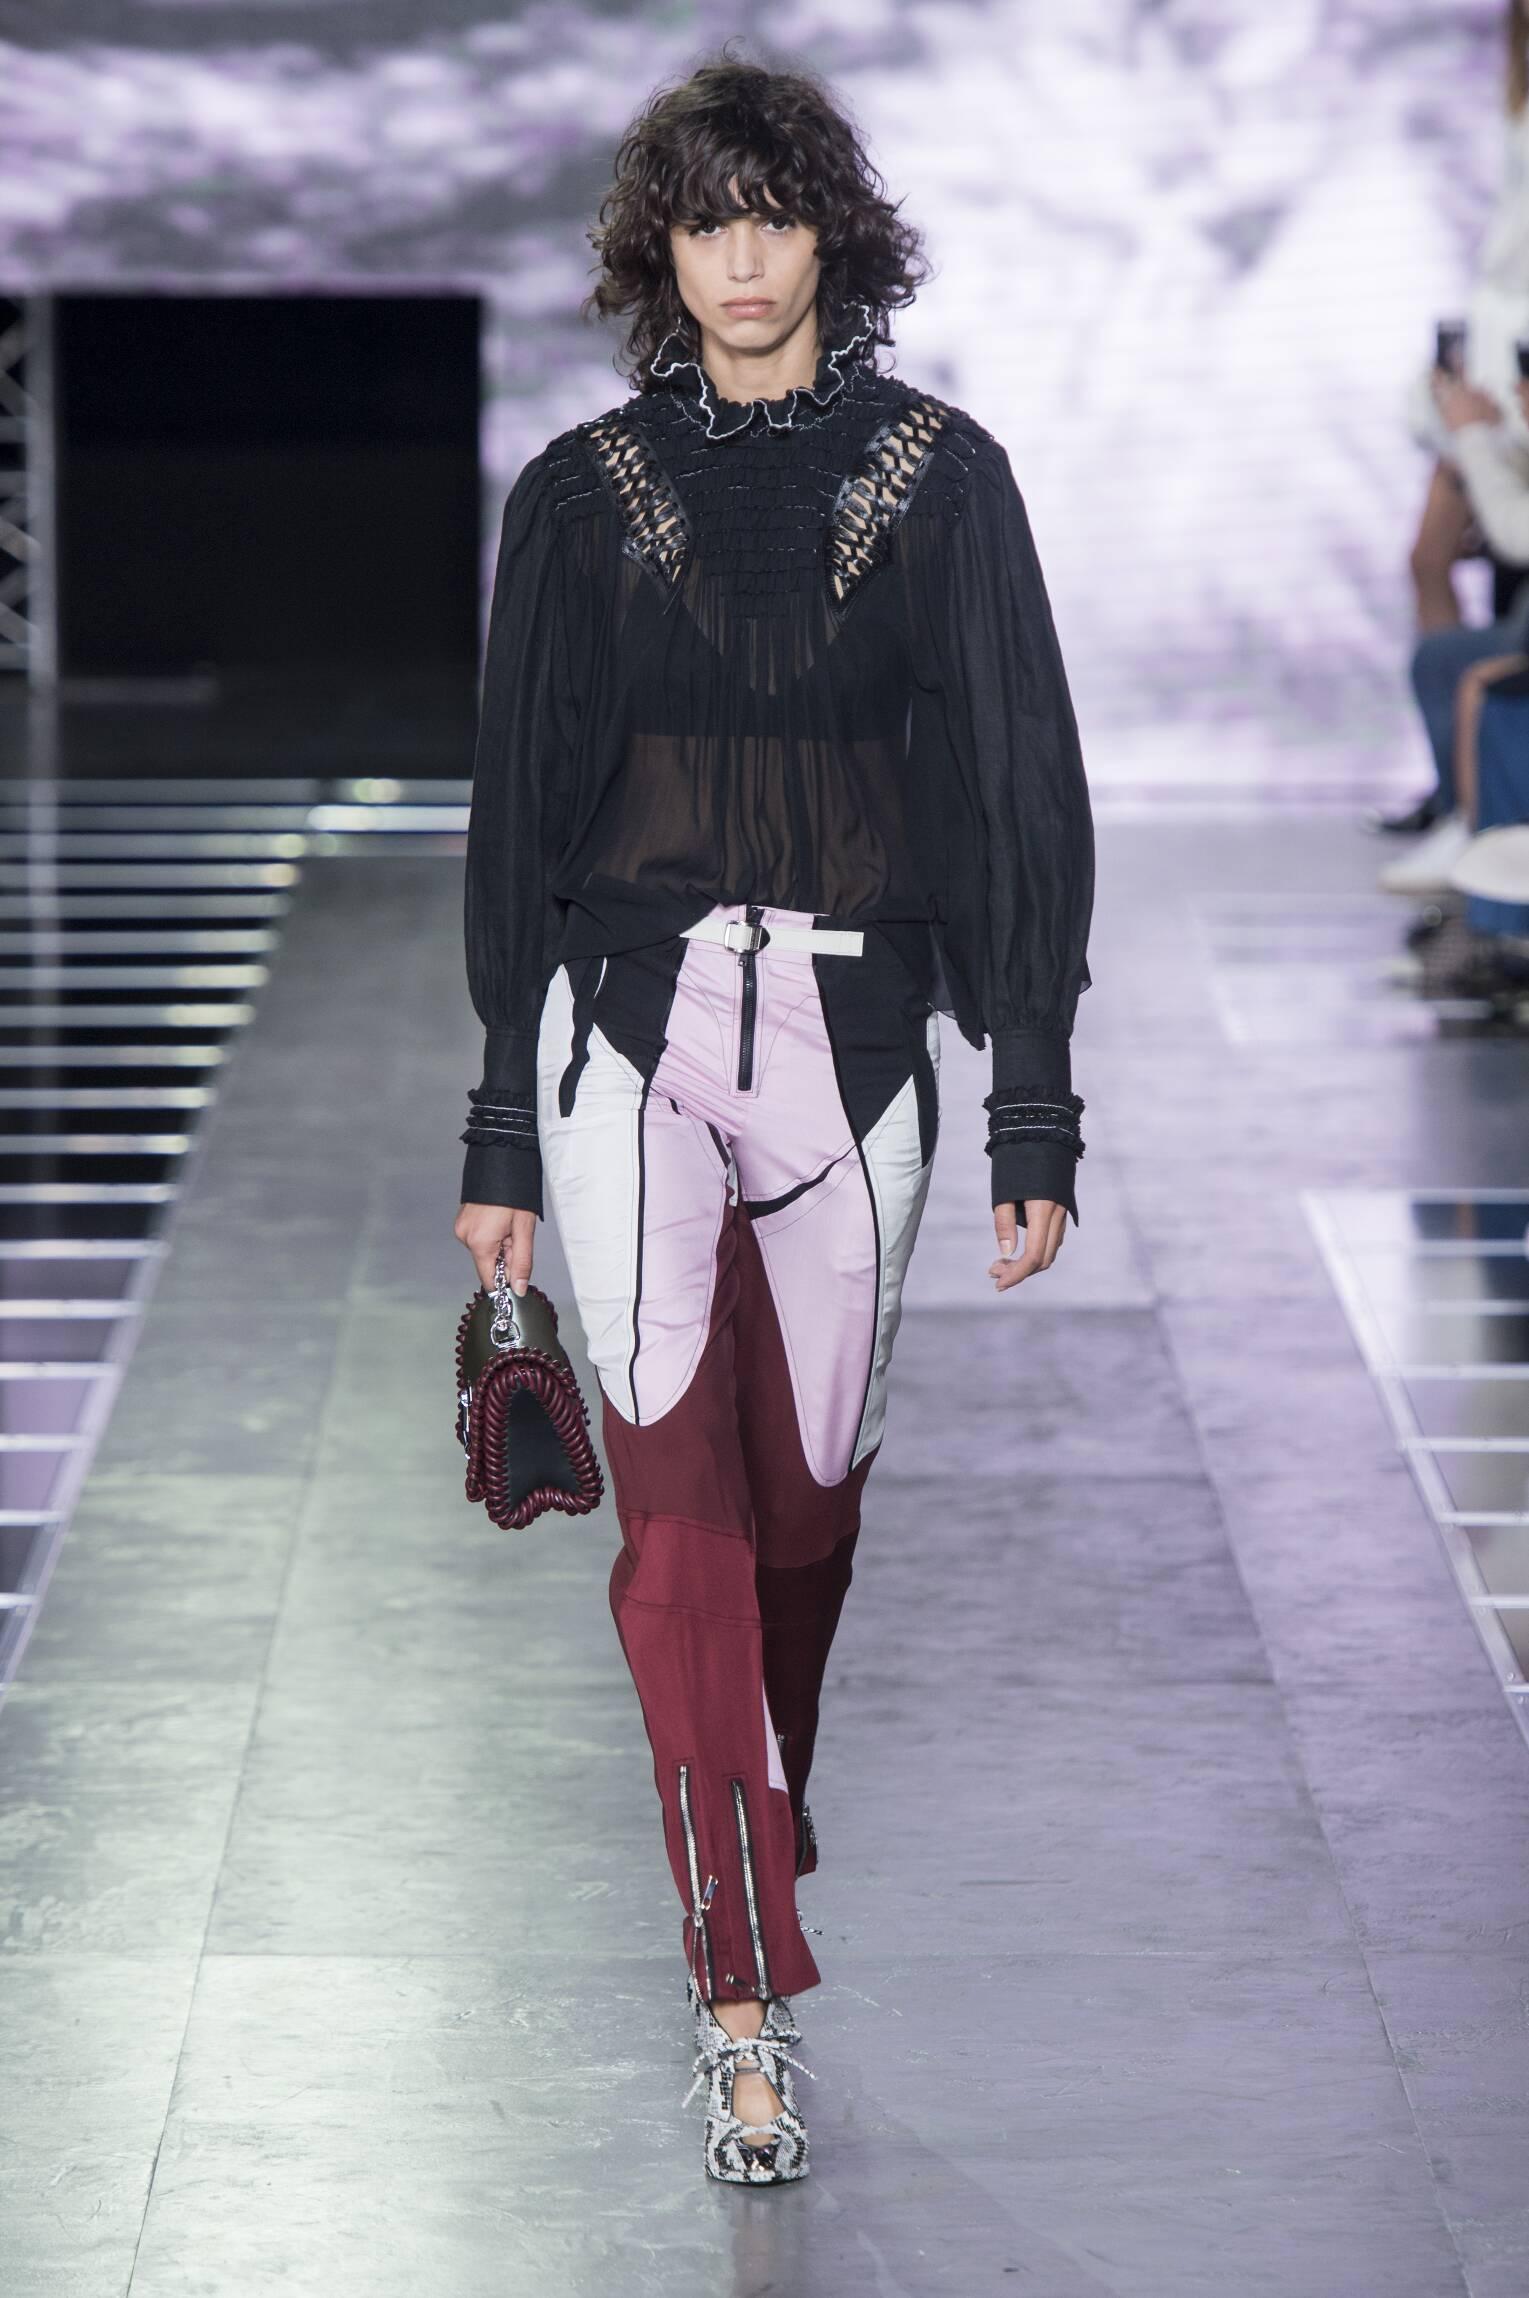 Fashion Woman Model Louis Vuitton Catwalk